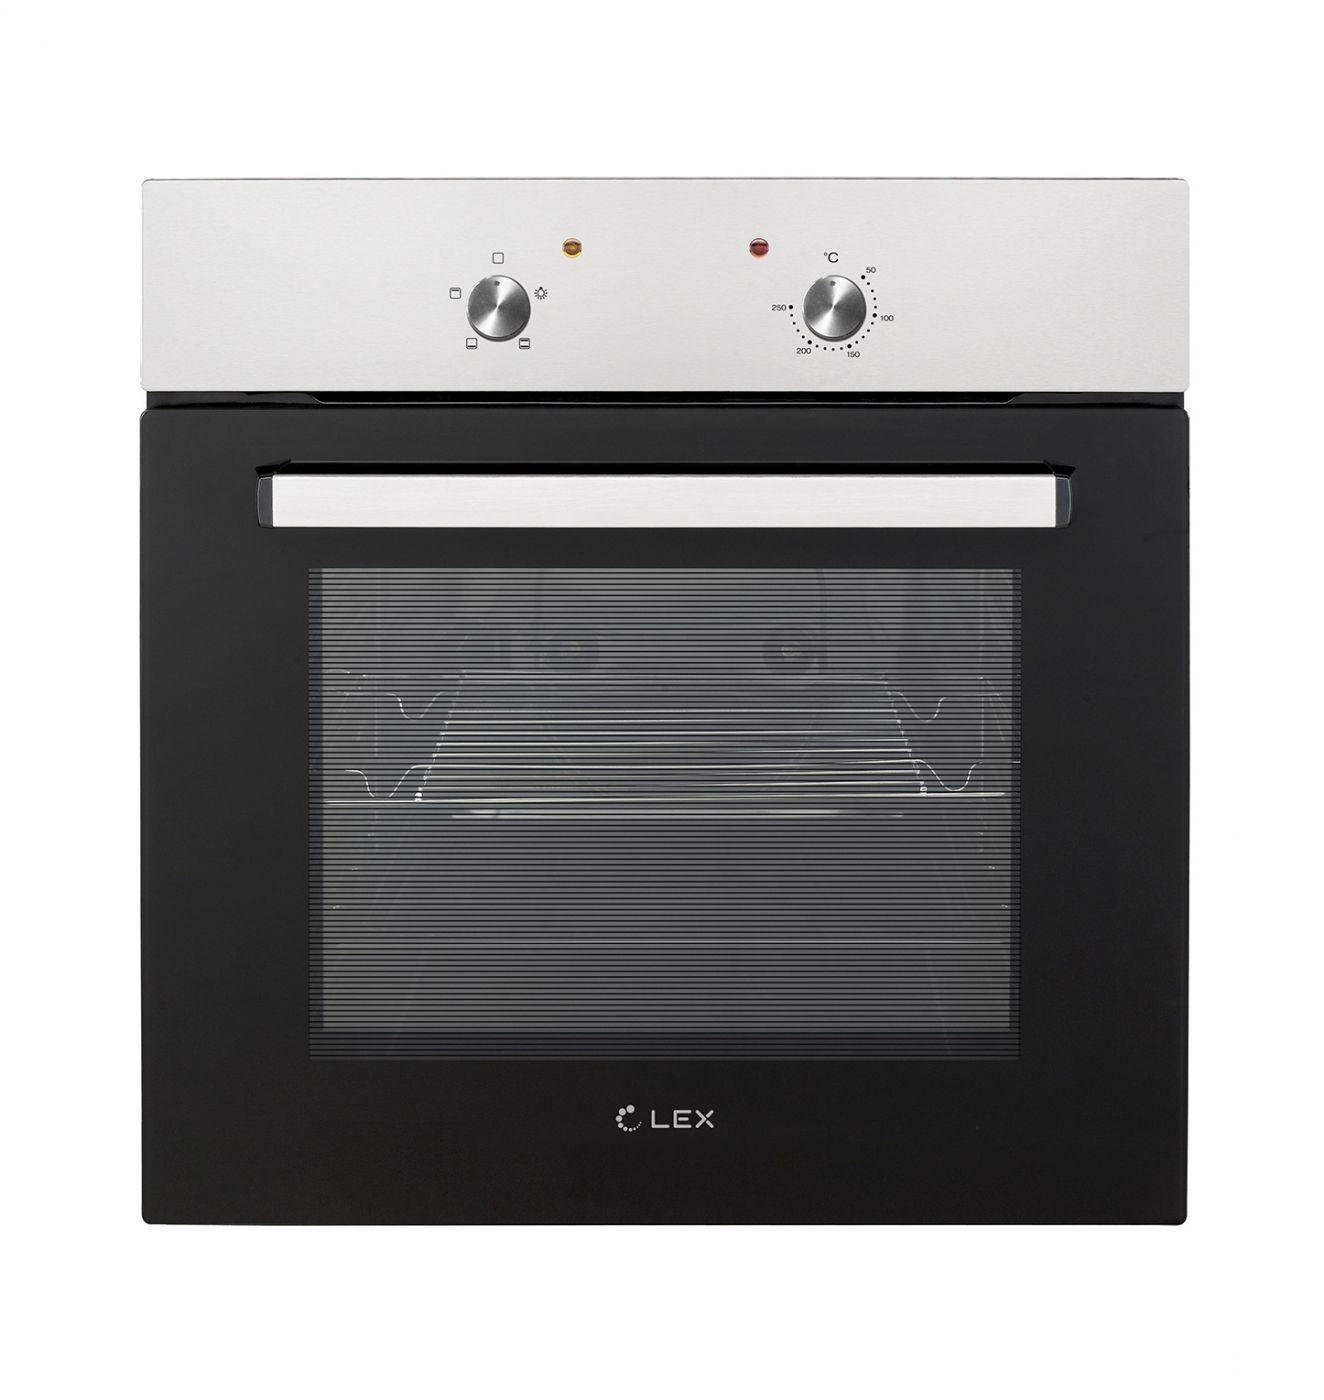 Электрический духовой шкаф LEX EDM 040 IX (CHAO000335)